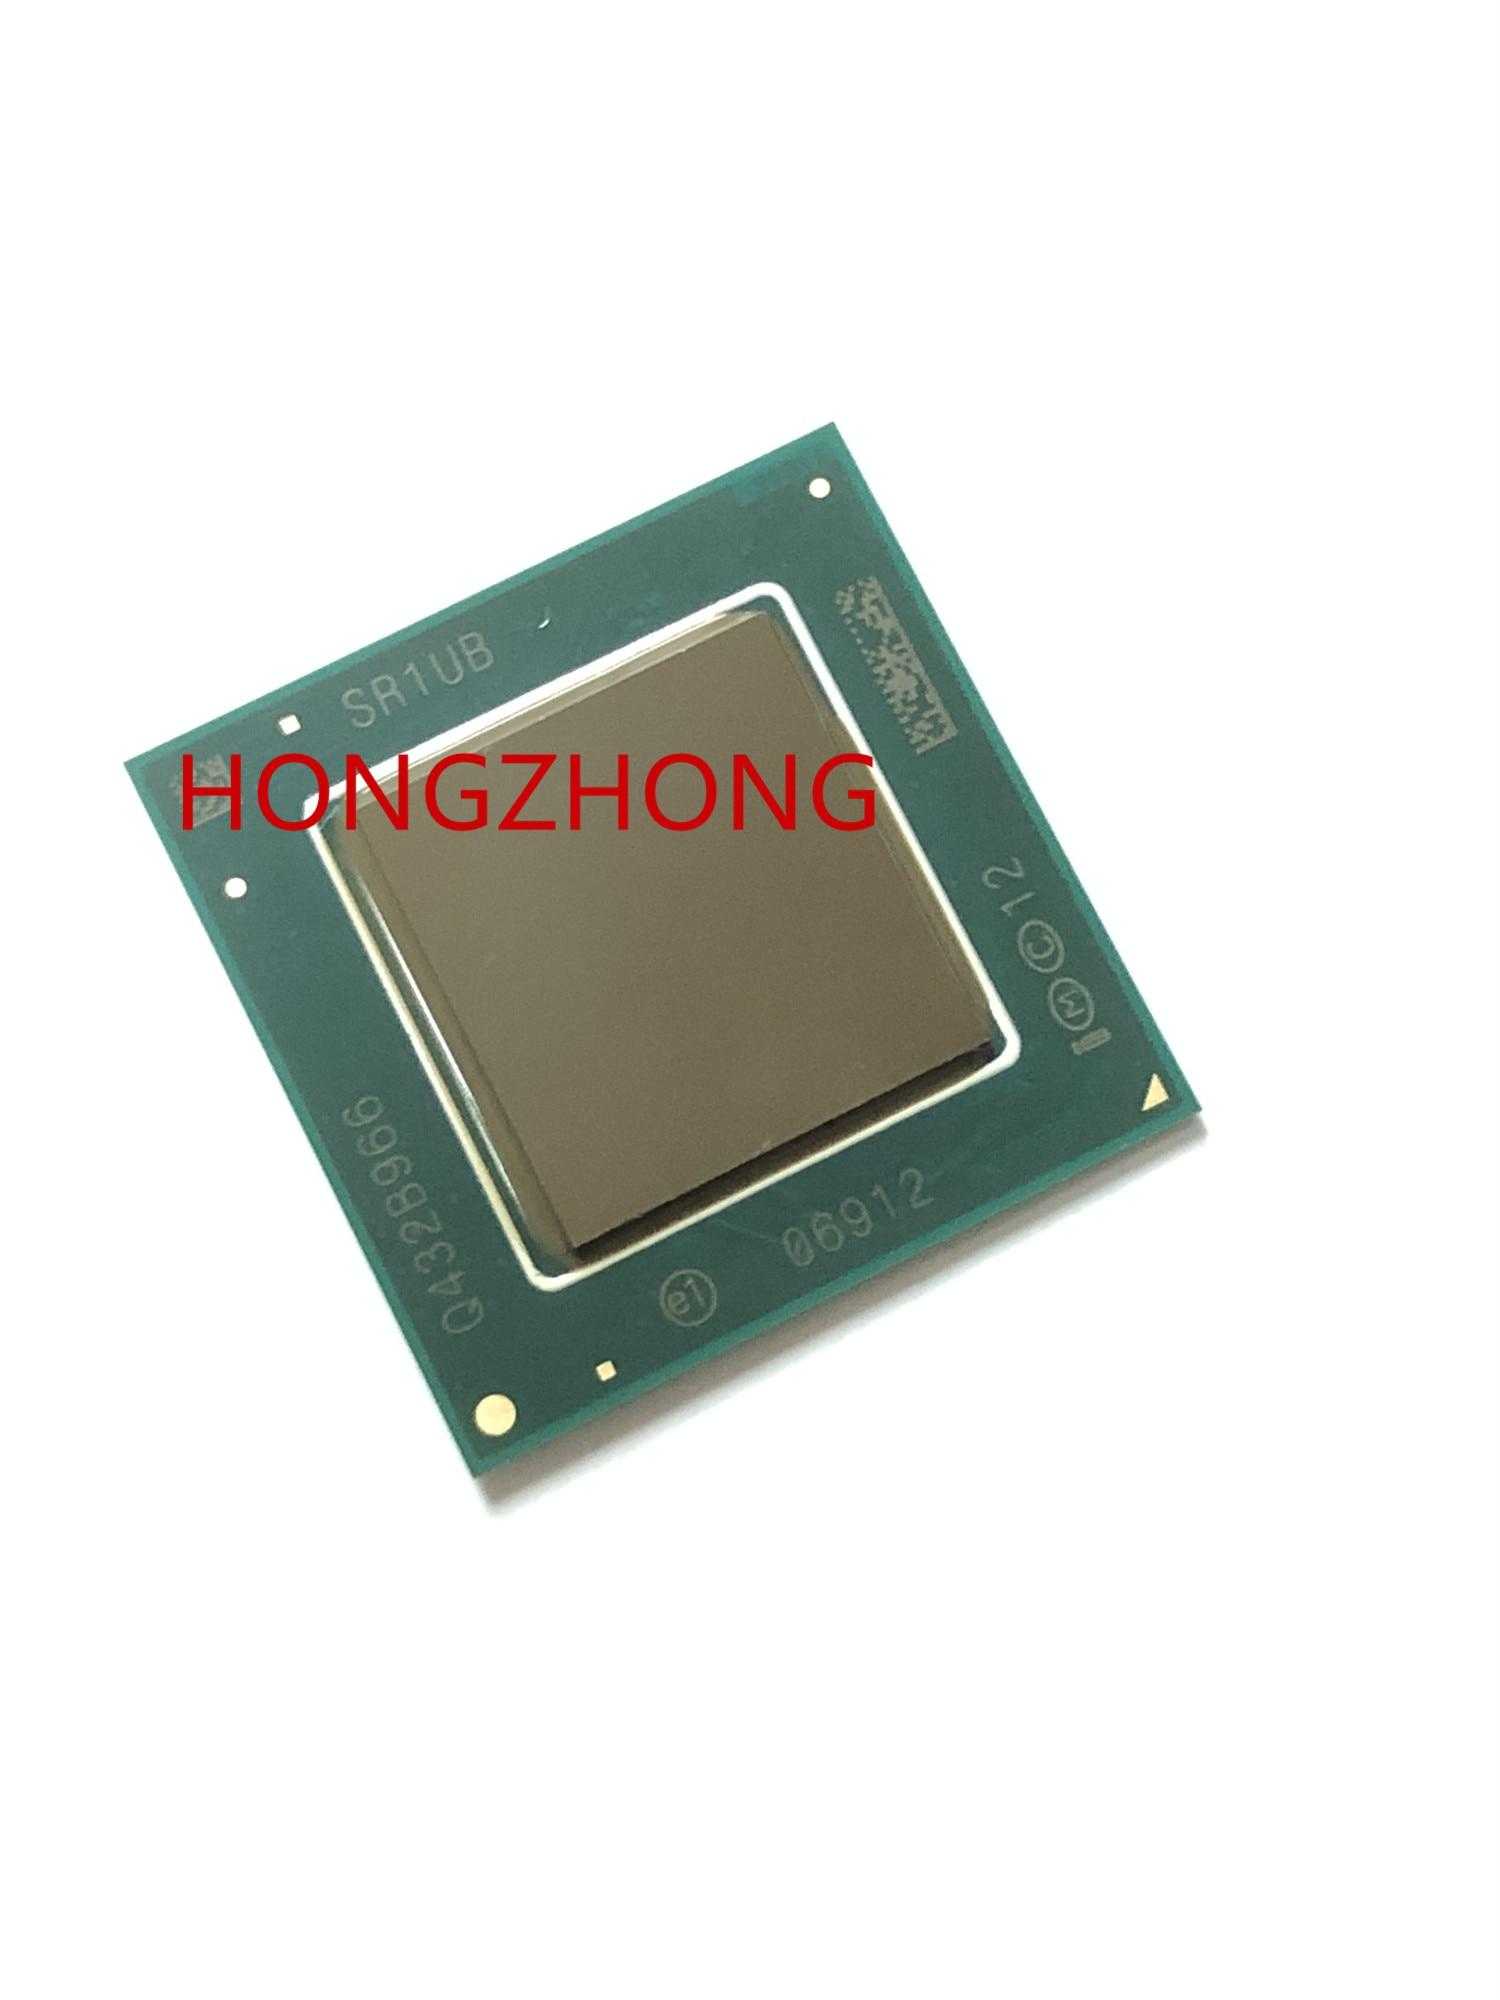 100% New Atom ® Processor Z3735F SR1UB SR1UD Z3735G SR1M5 SR1SK SR2KT SR27N SR29Z BGA Chipset